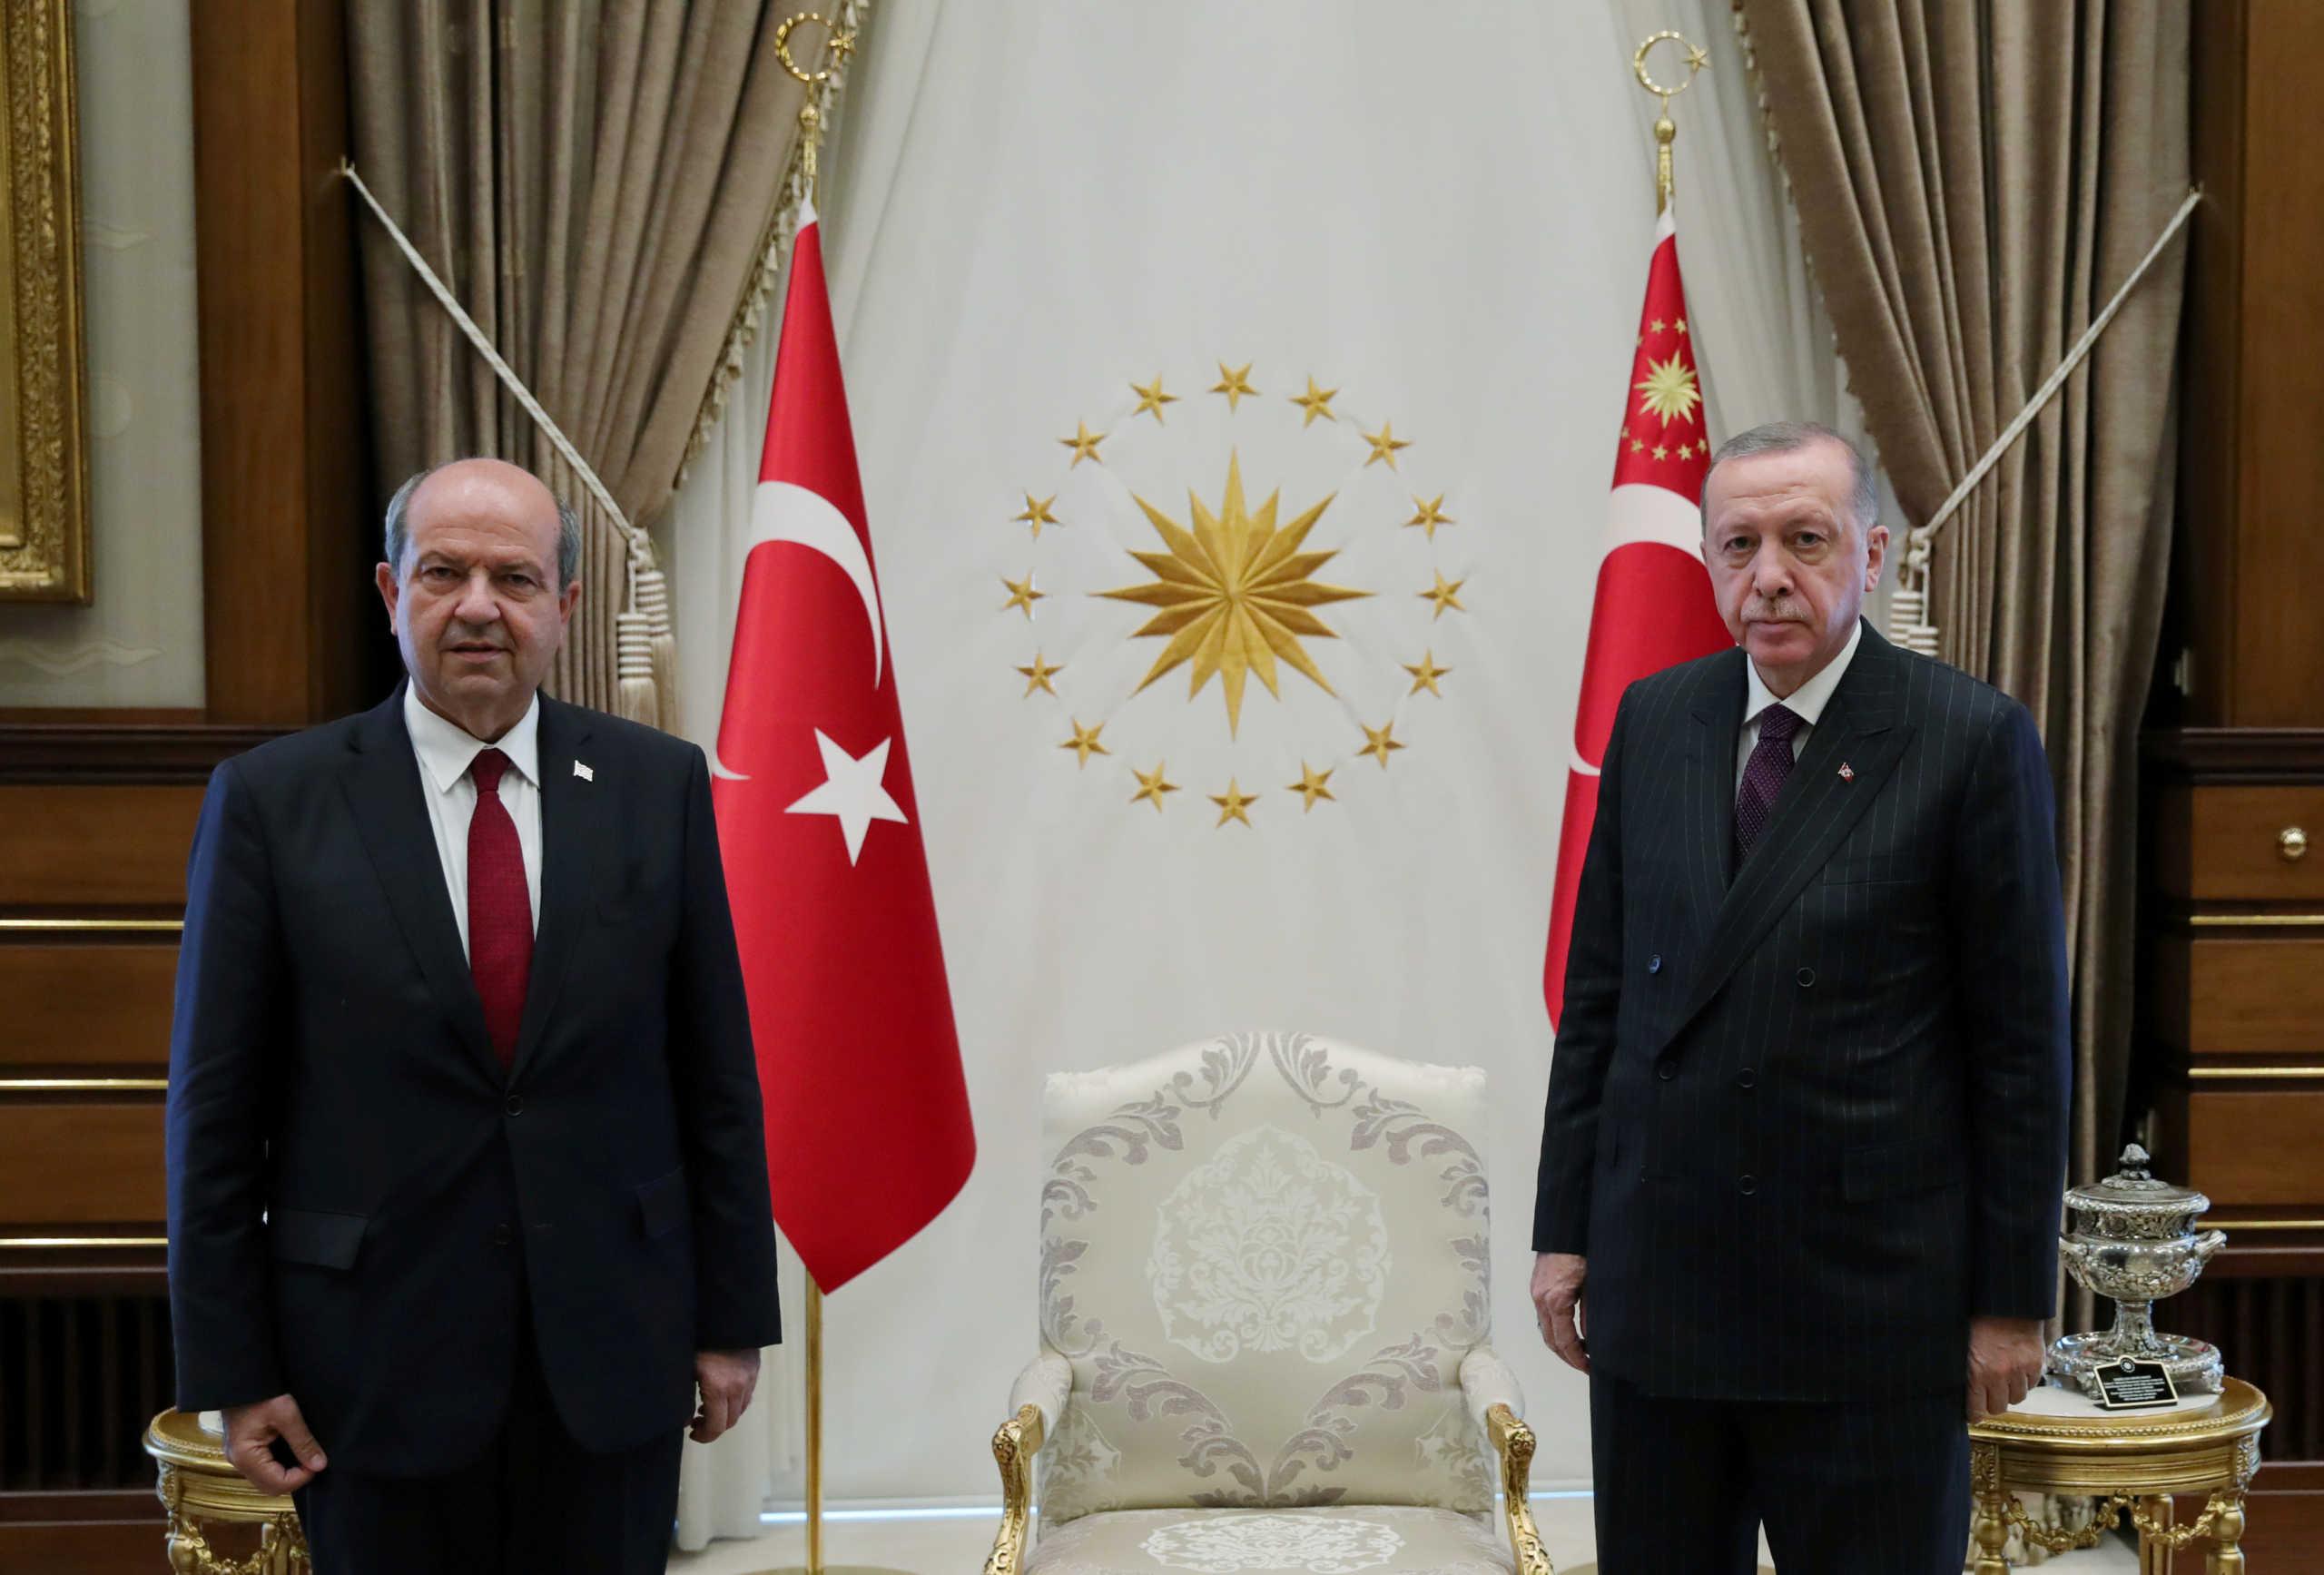 Ταγίπ Ερντογάν και Ερσίν Τατάρ